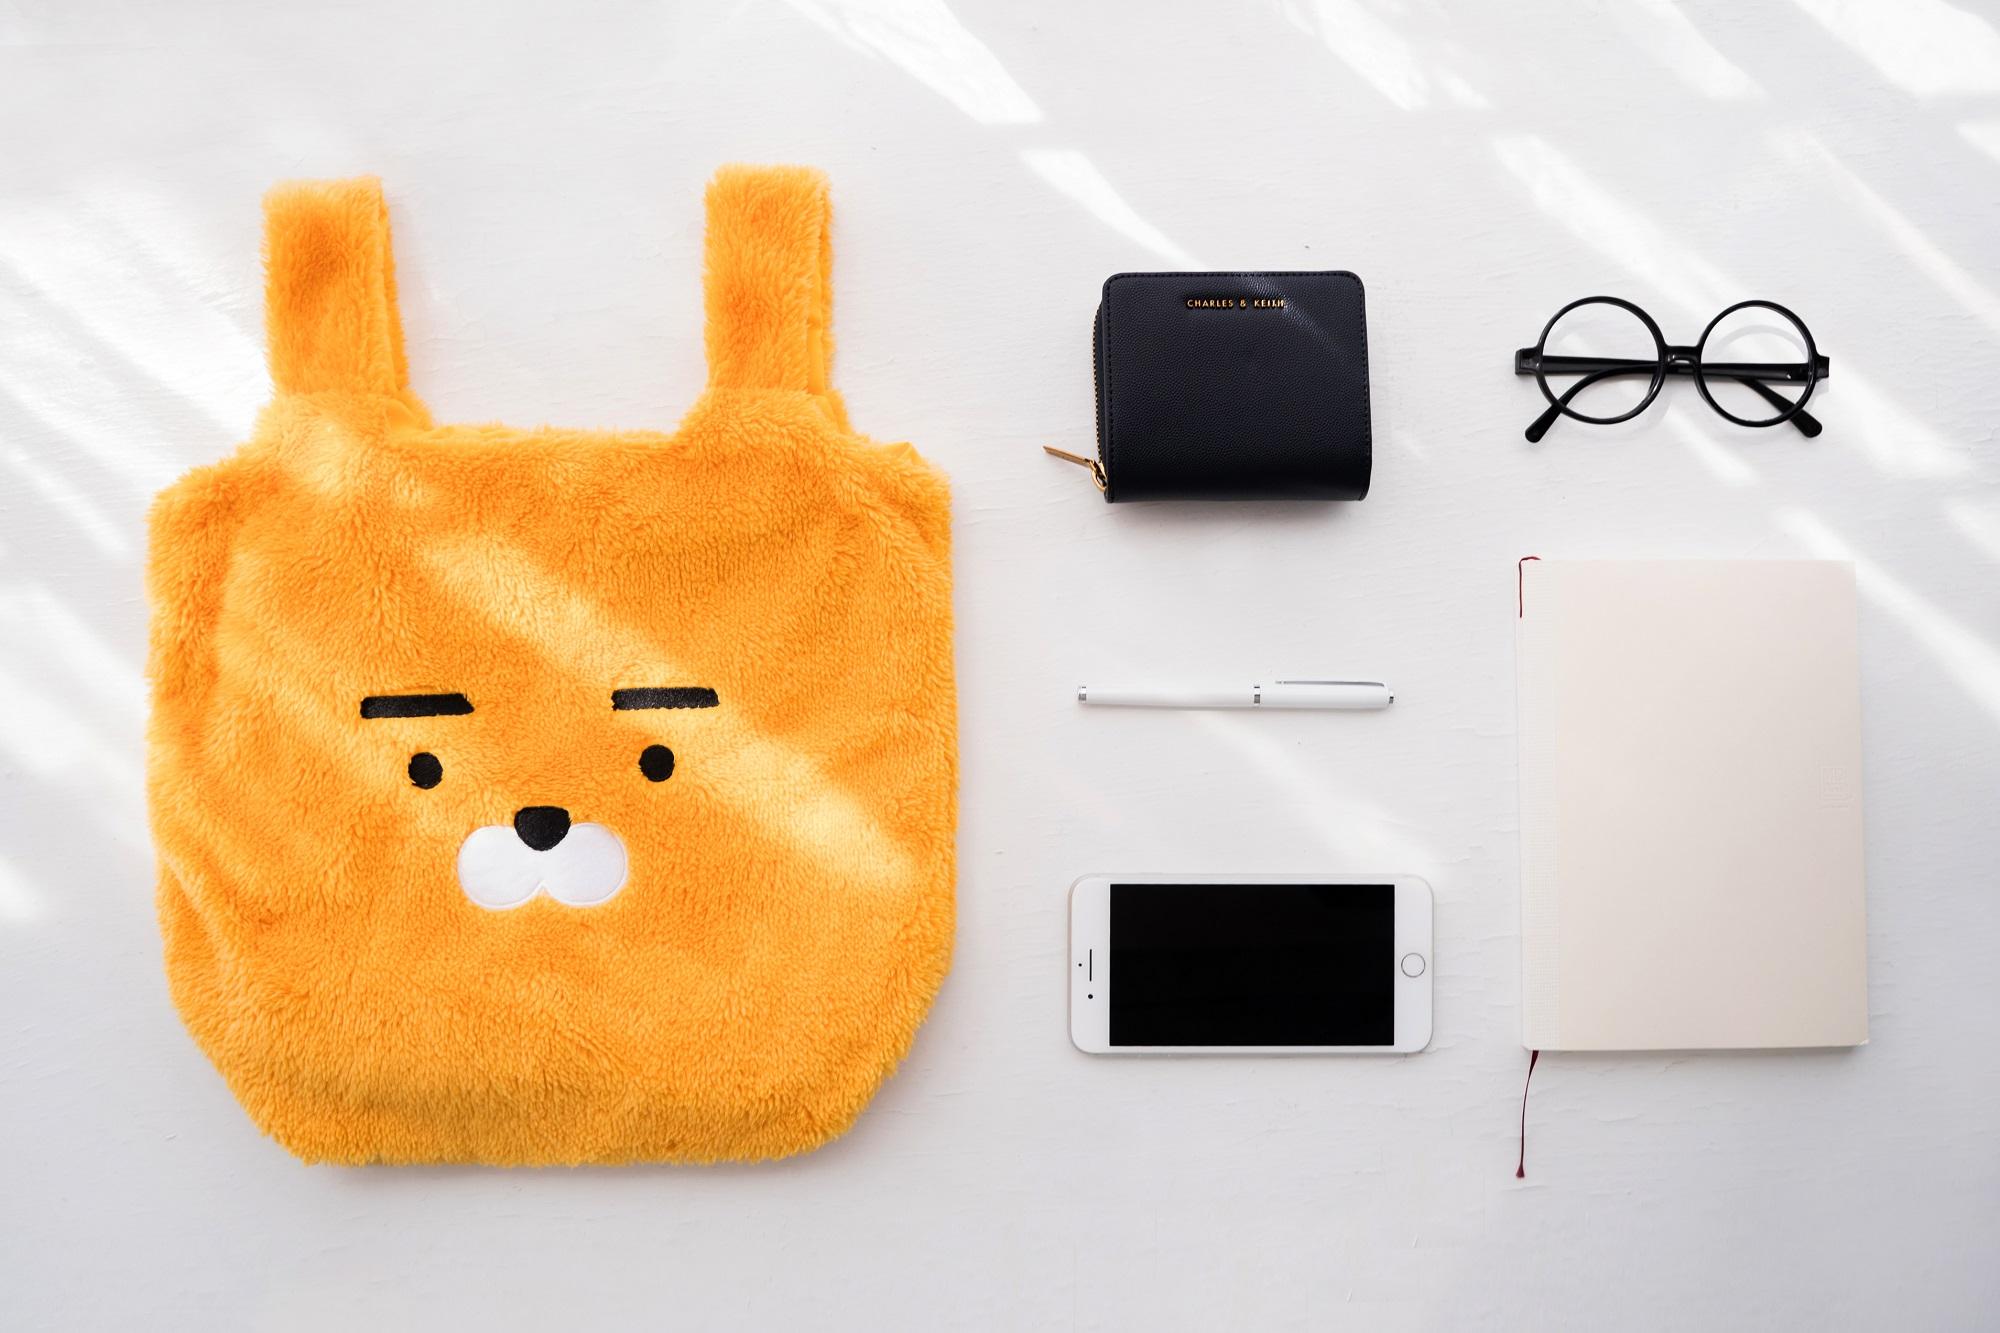 楽玩多為韓國知名角色 Kakao Friends 的 Ryan 商品規劃的情境照。/圖:Cyberbiz